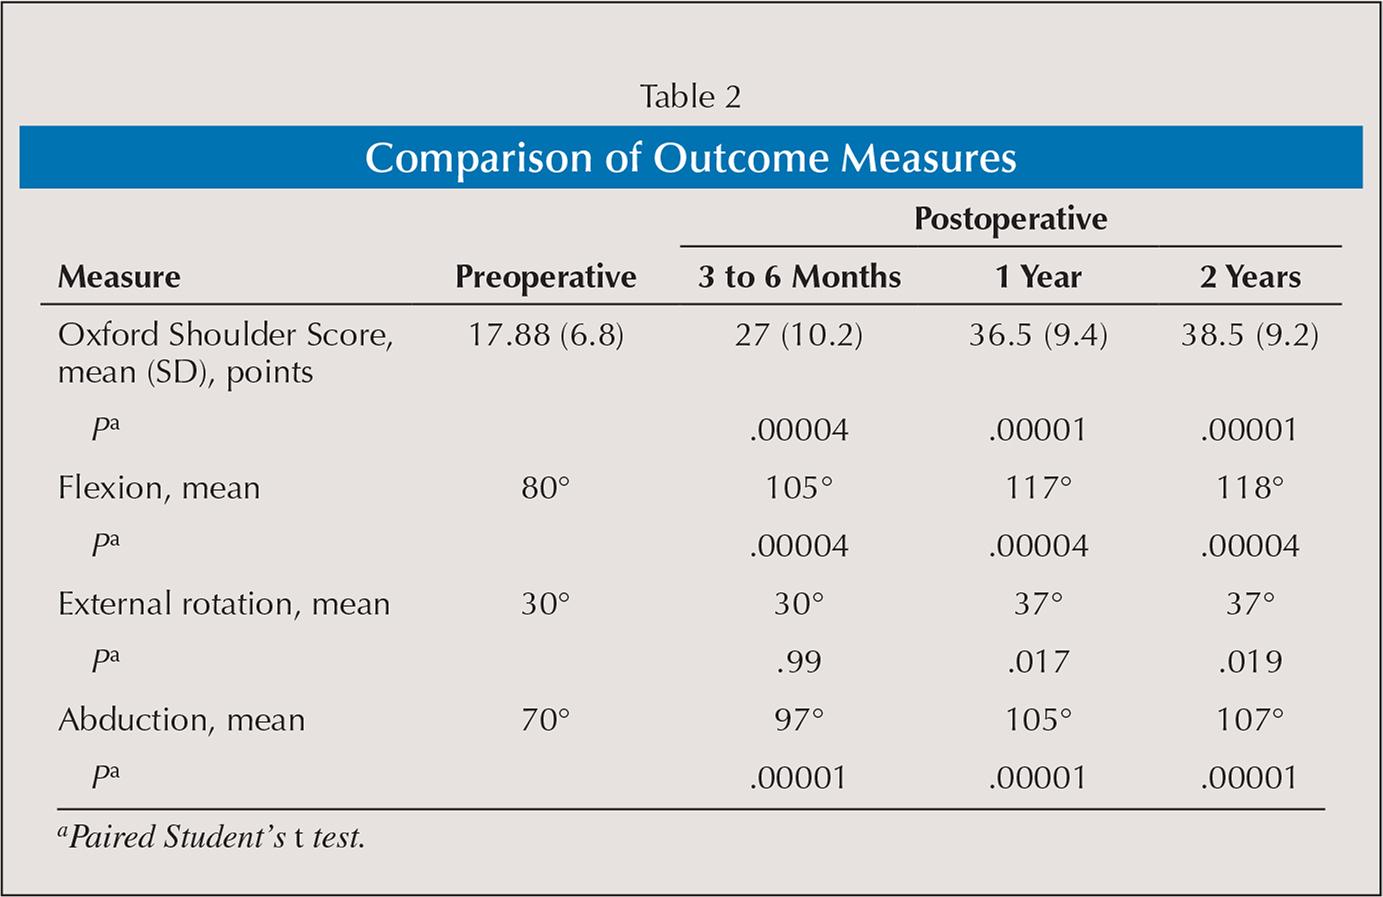 Comparison of Outcome Measures